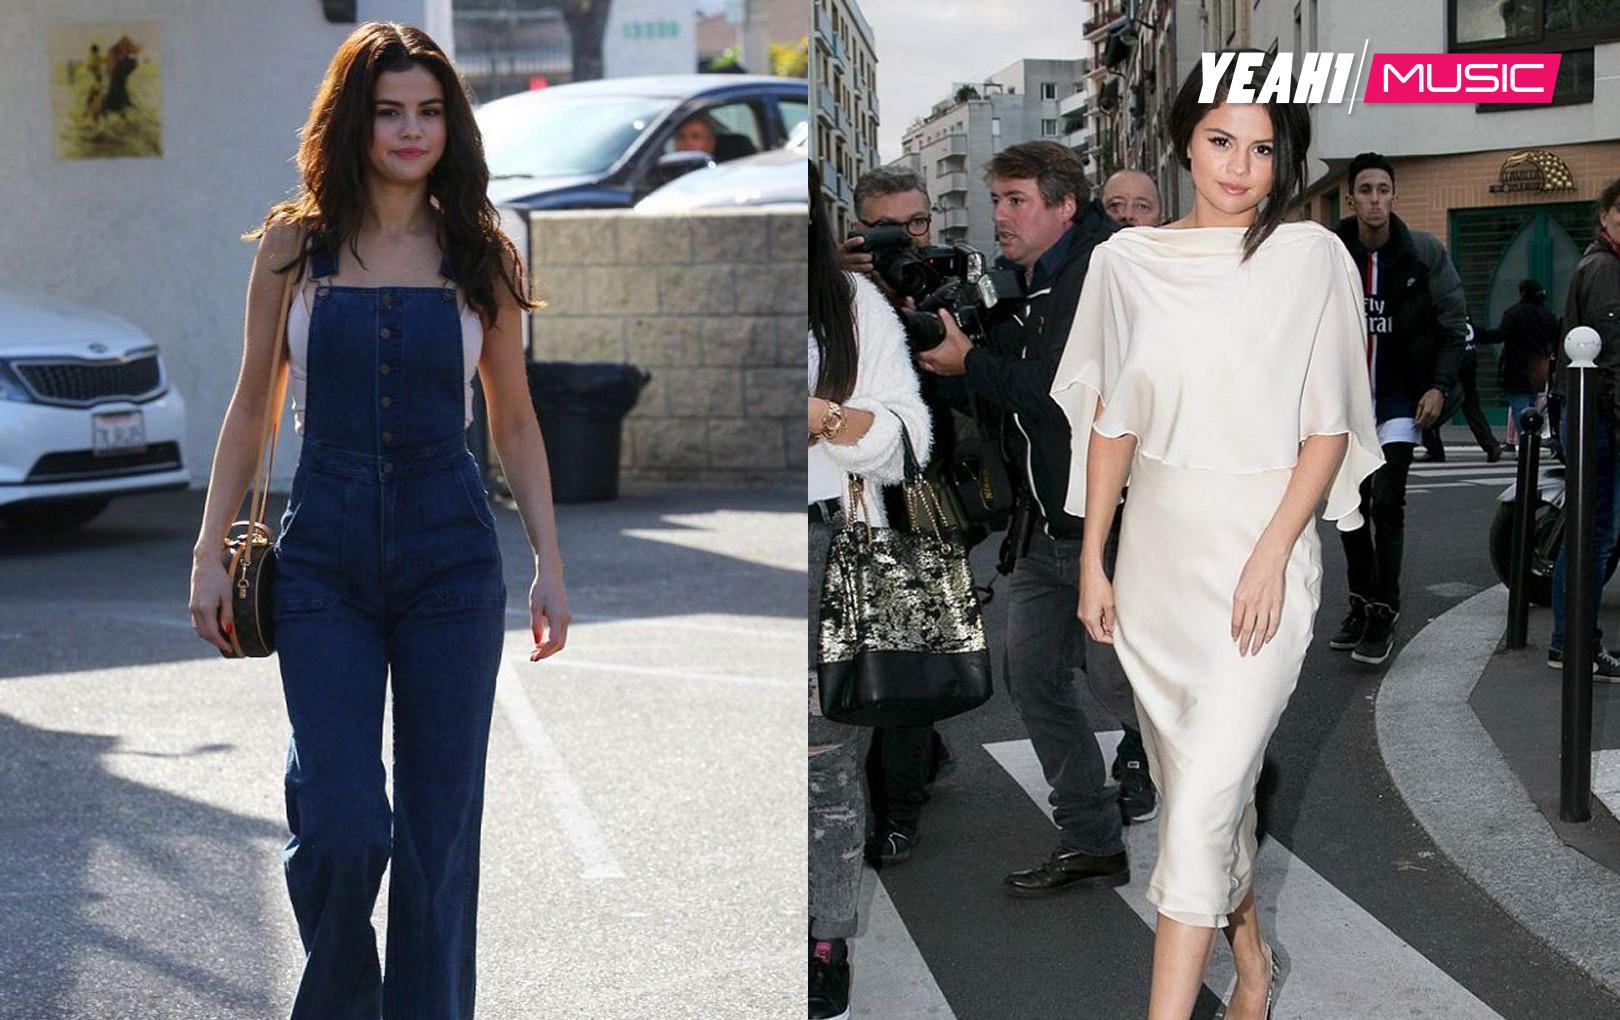 Bí quyết phối đồ giúp Selena Gomez trở thành fashionista số 1 trong lòng CĐM